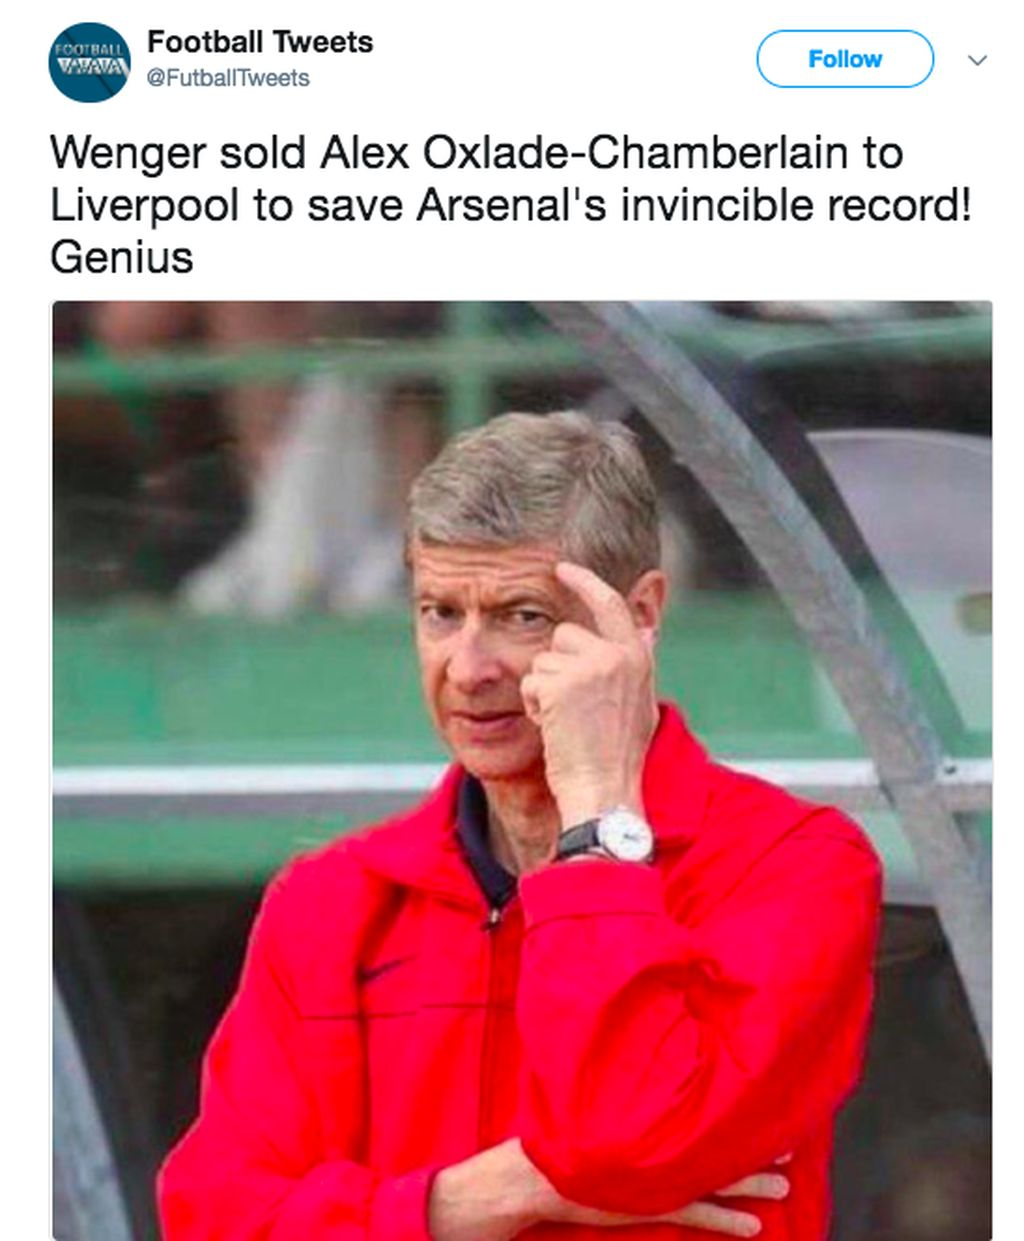 Misi tersembunyi Arsene Wenger, menjual Alex Oxlade Chamberlain ke Liverpool untuk mengalahkan City agar tidak menandingi rekor tak terkalahkan Arsenal. Oxlade mencetak gol pembuka Liverpool lawan City. Foto: istimewa